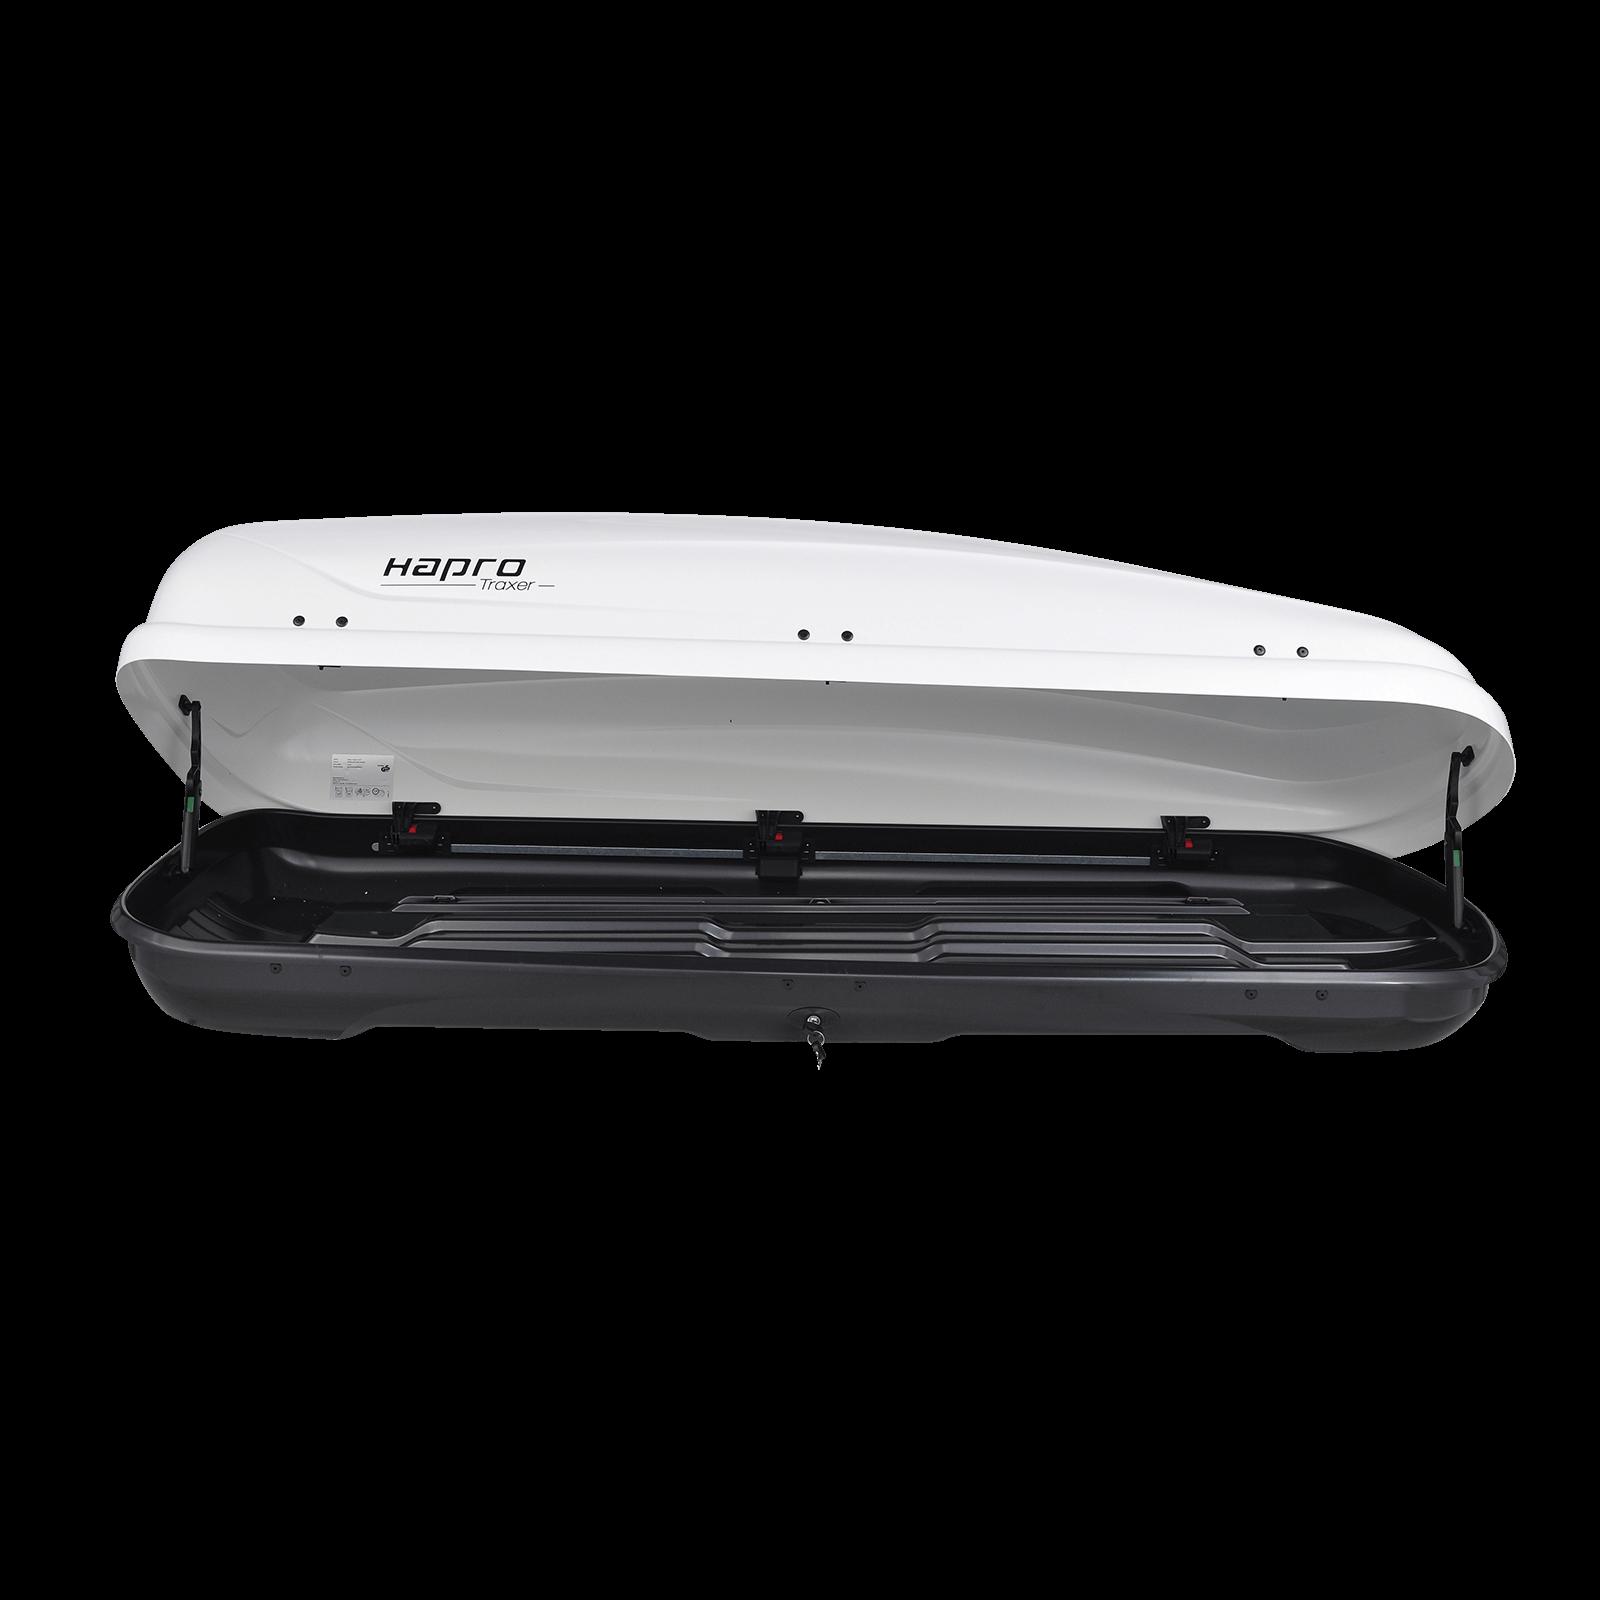 Dachbox Hapro Traxer 6.6 PureWhite - Bild 2